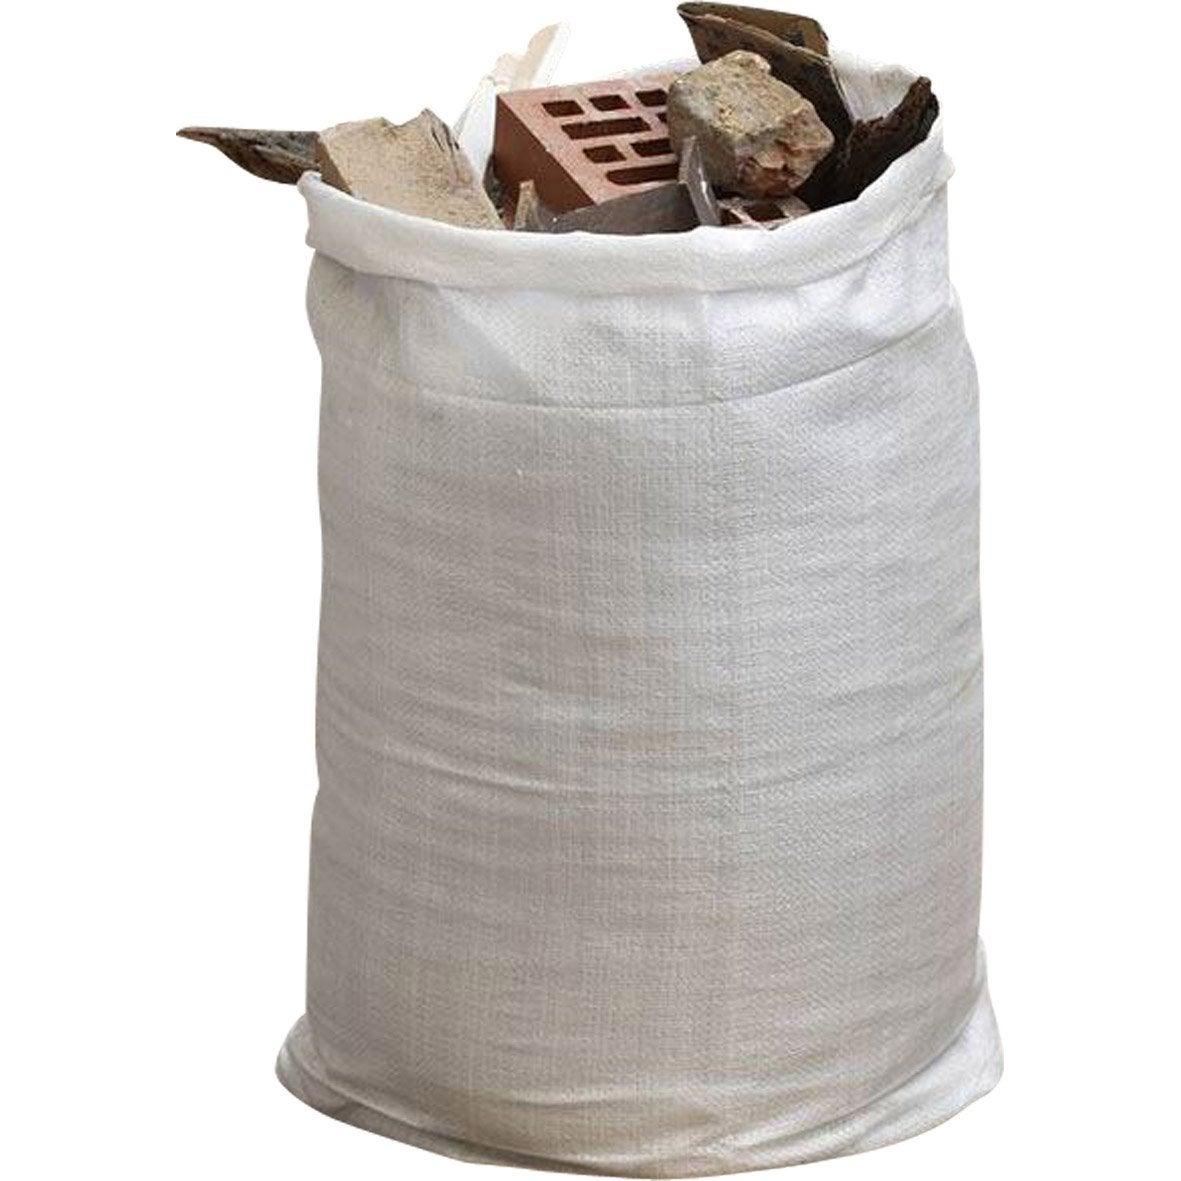 Lot de 5 sacs gravats r utilisables geolia capacit 70 l leroy merlin - Sac a gravats ...